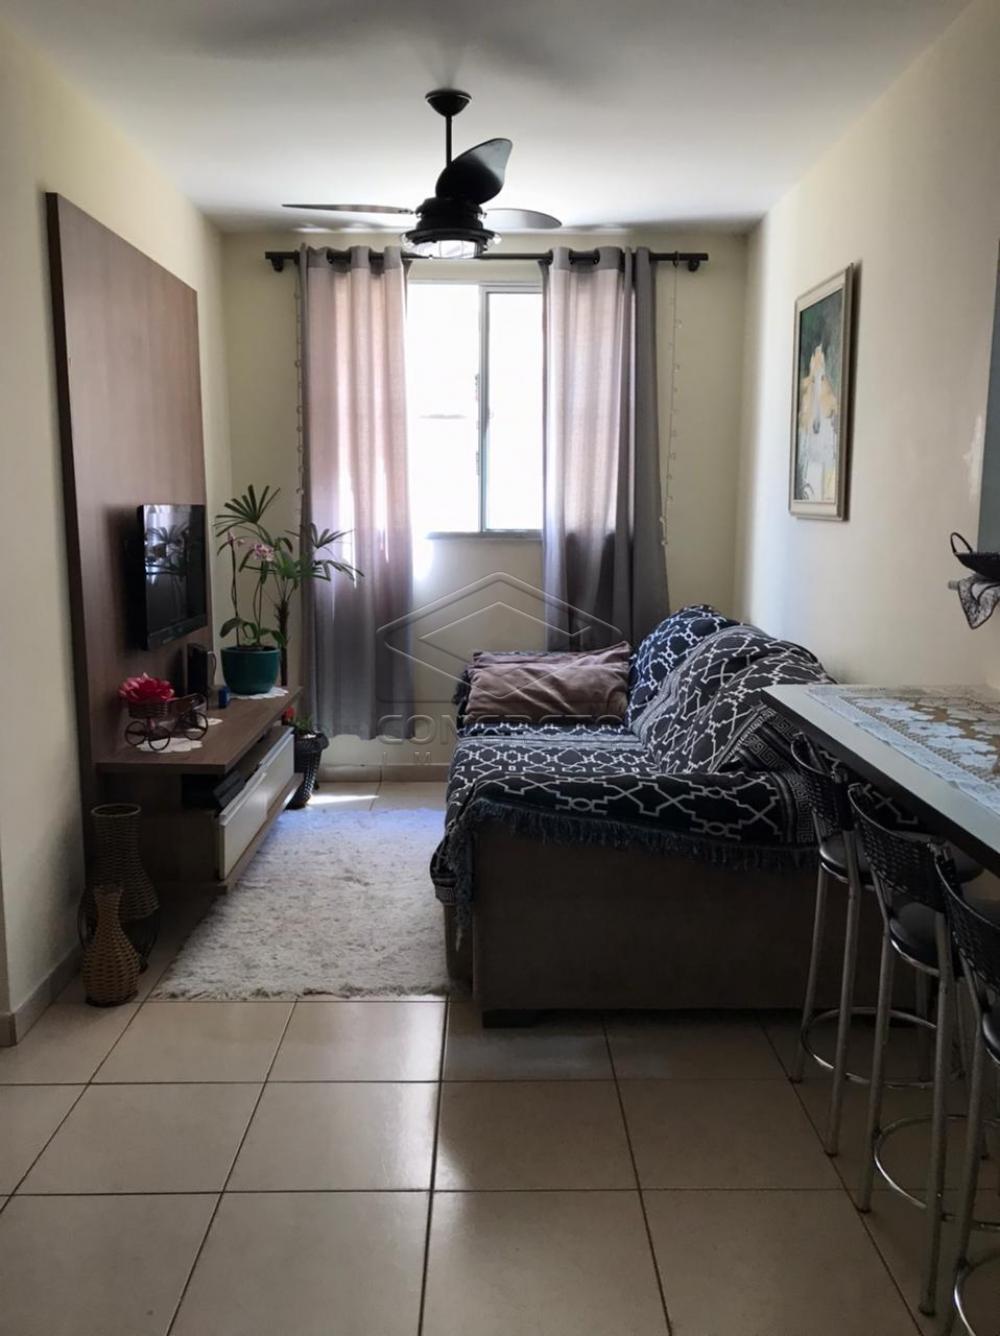 Comprar Apartamento / Padrão em Bauru R$ 224.000,00 - Foto 1